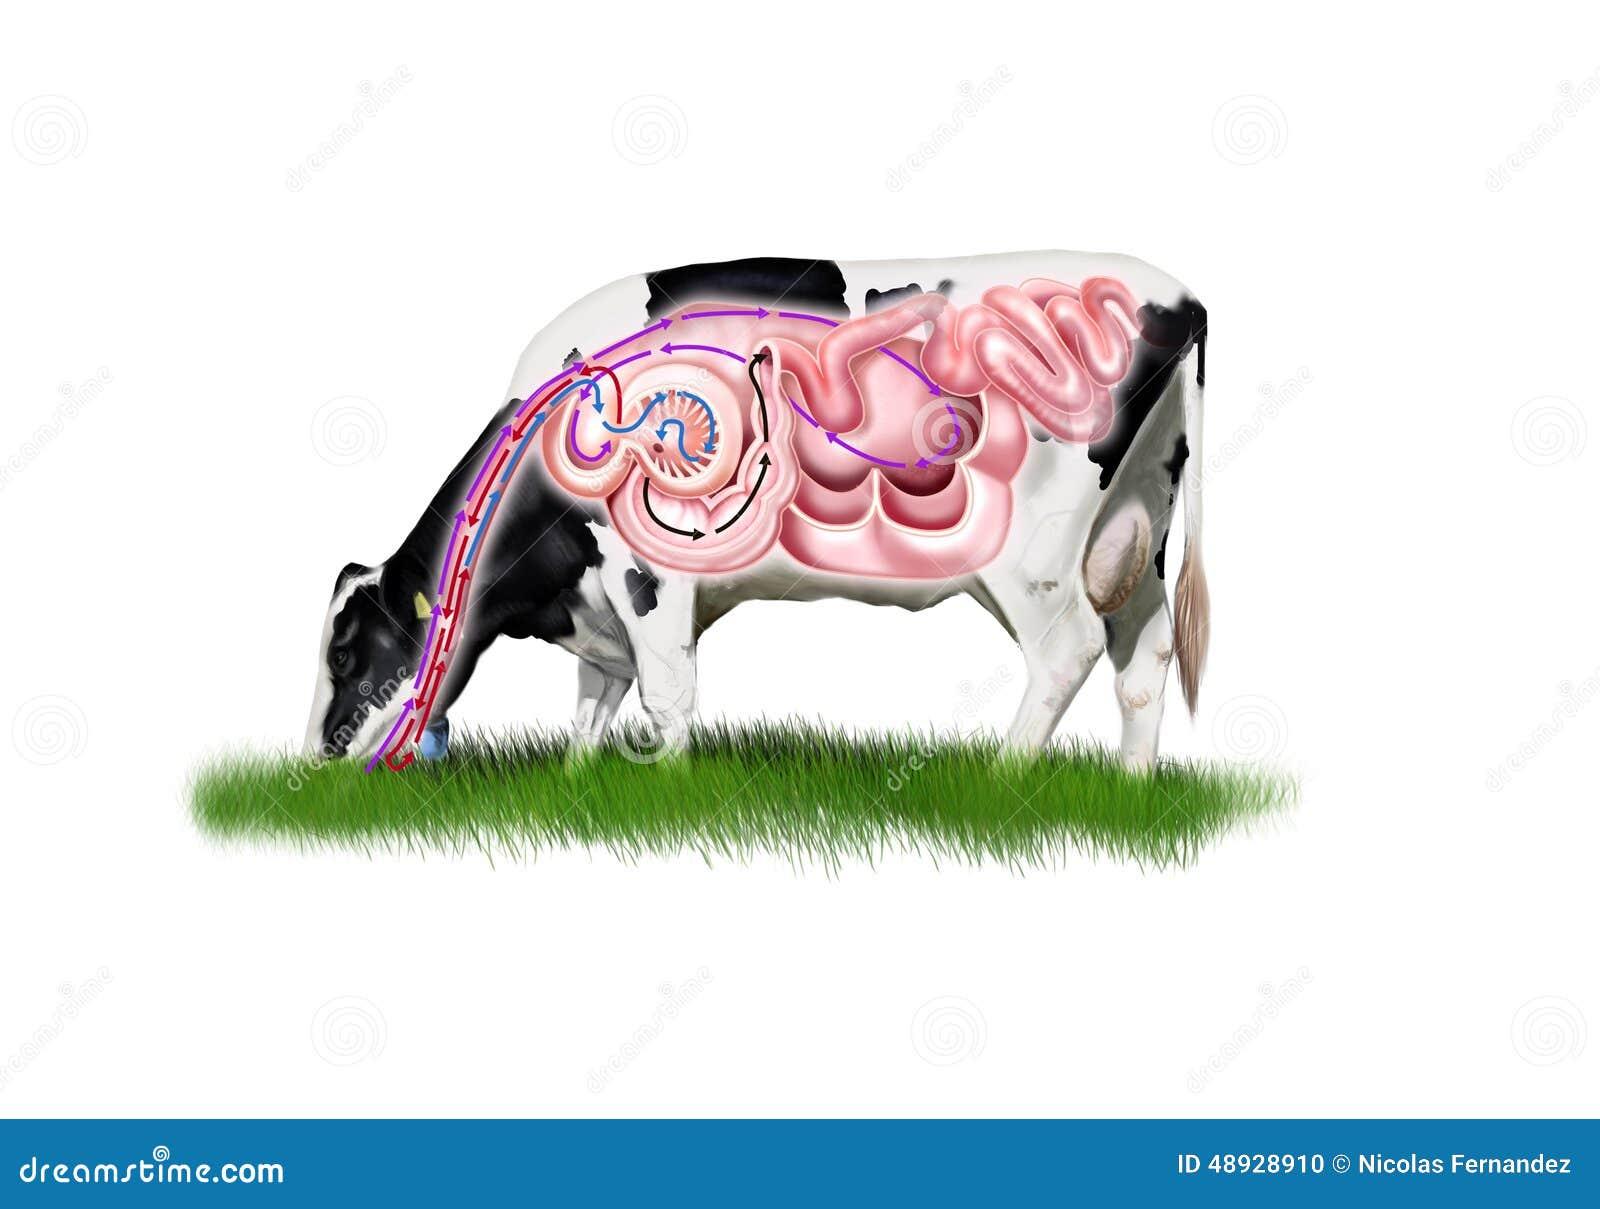 Großartig Färbendes Bild Einer Kuh Galerie - Beispiel Anschreiben ...